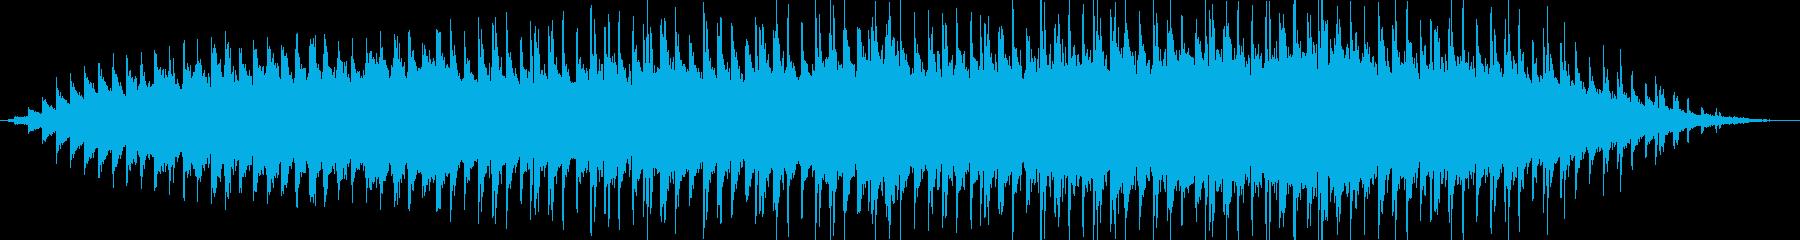 悲哀と新たな始まりをイメージしたBGMの再生済みの波形